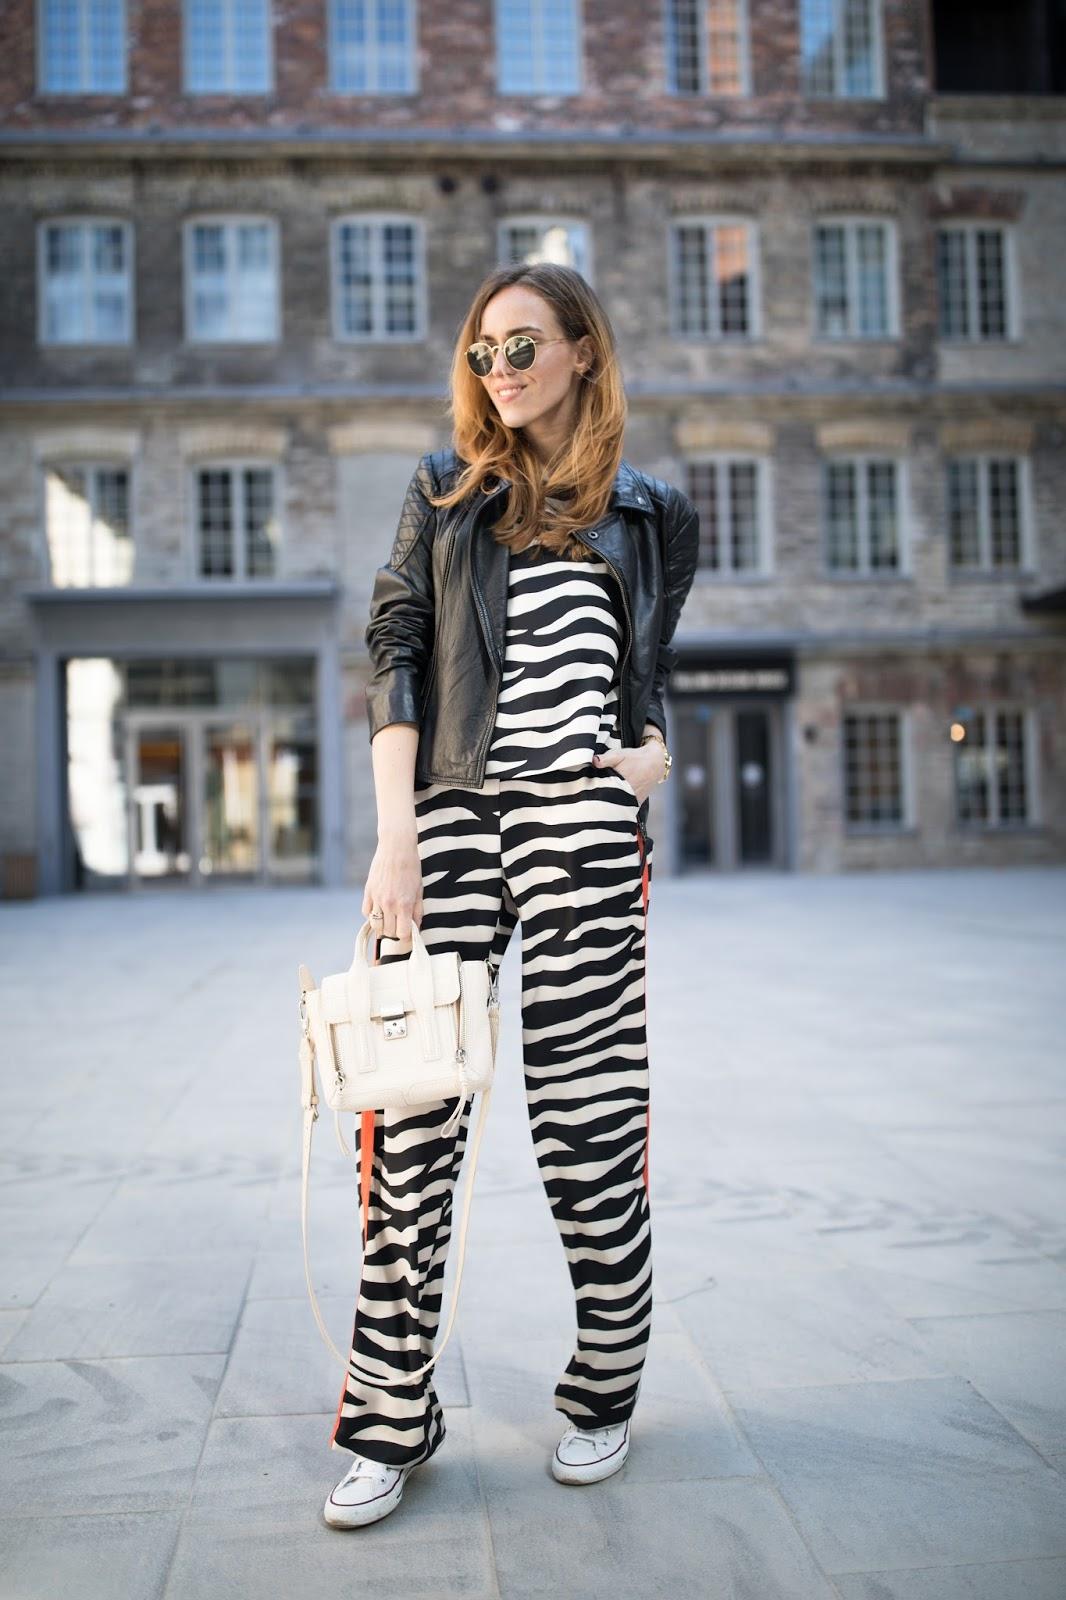 satin pyjama trend outfit spring